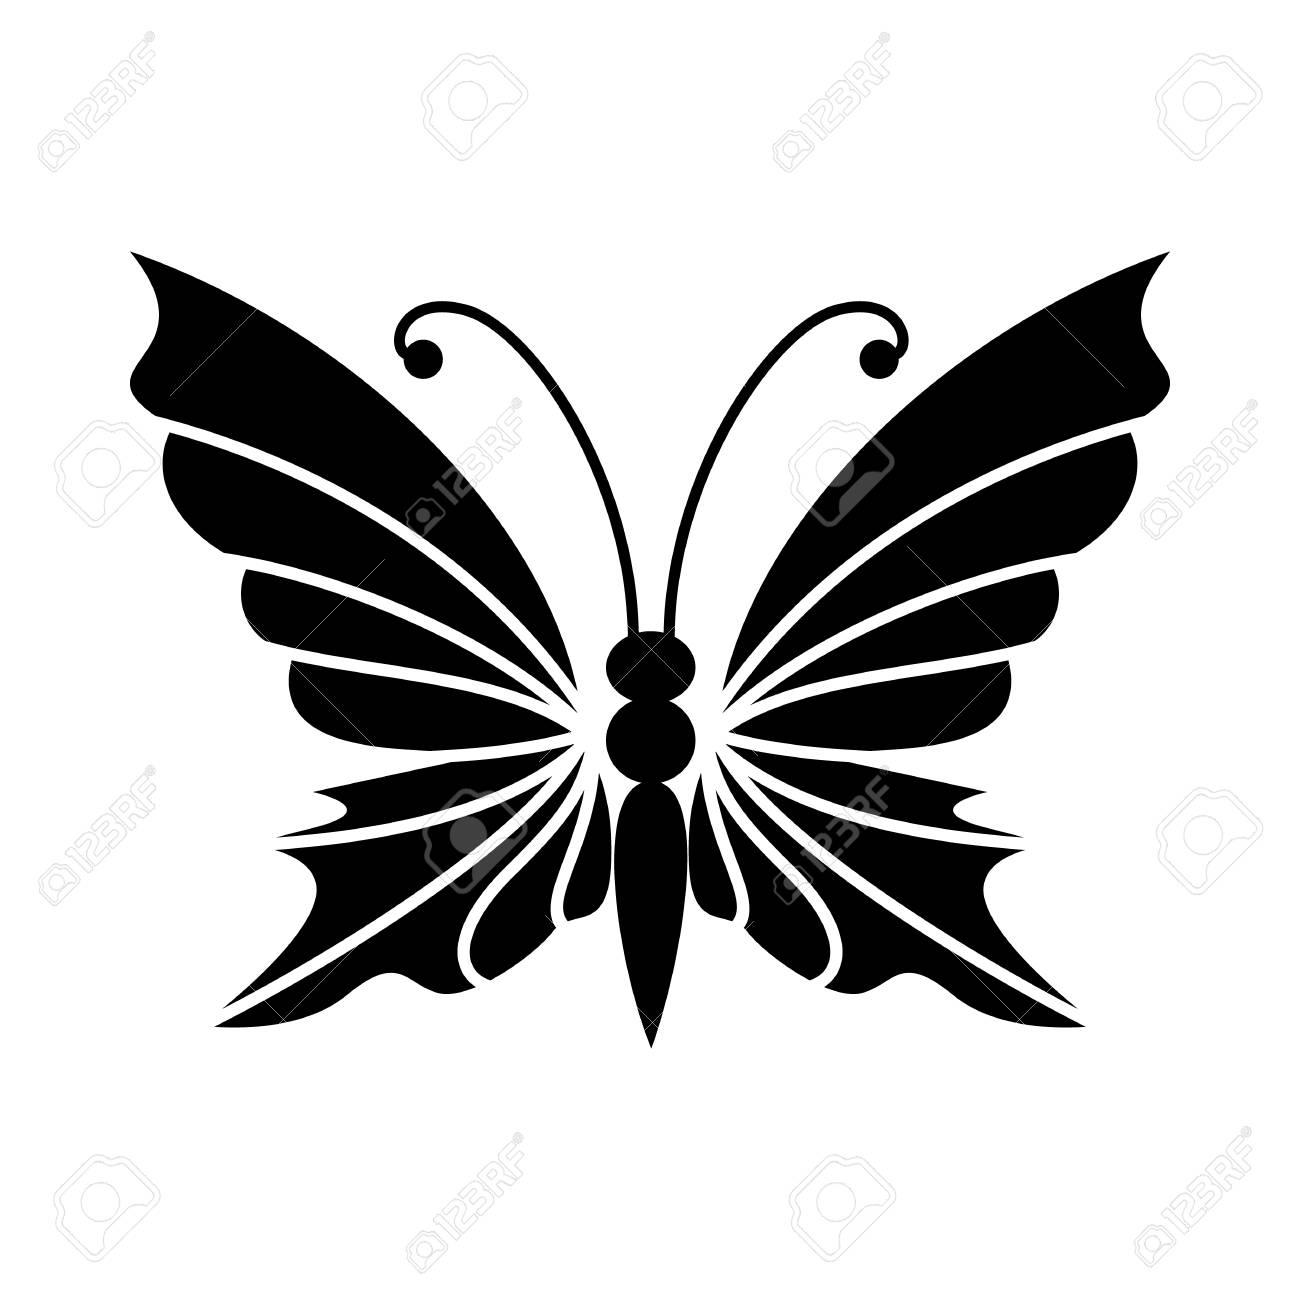 Schmetterling Mit Antennen-Symbol Im Einfachen Stil Isoliert Auf ...